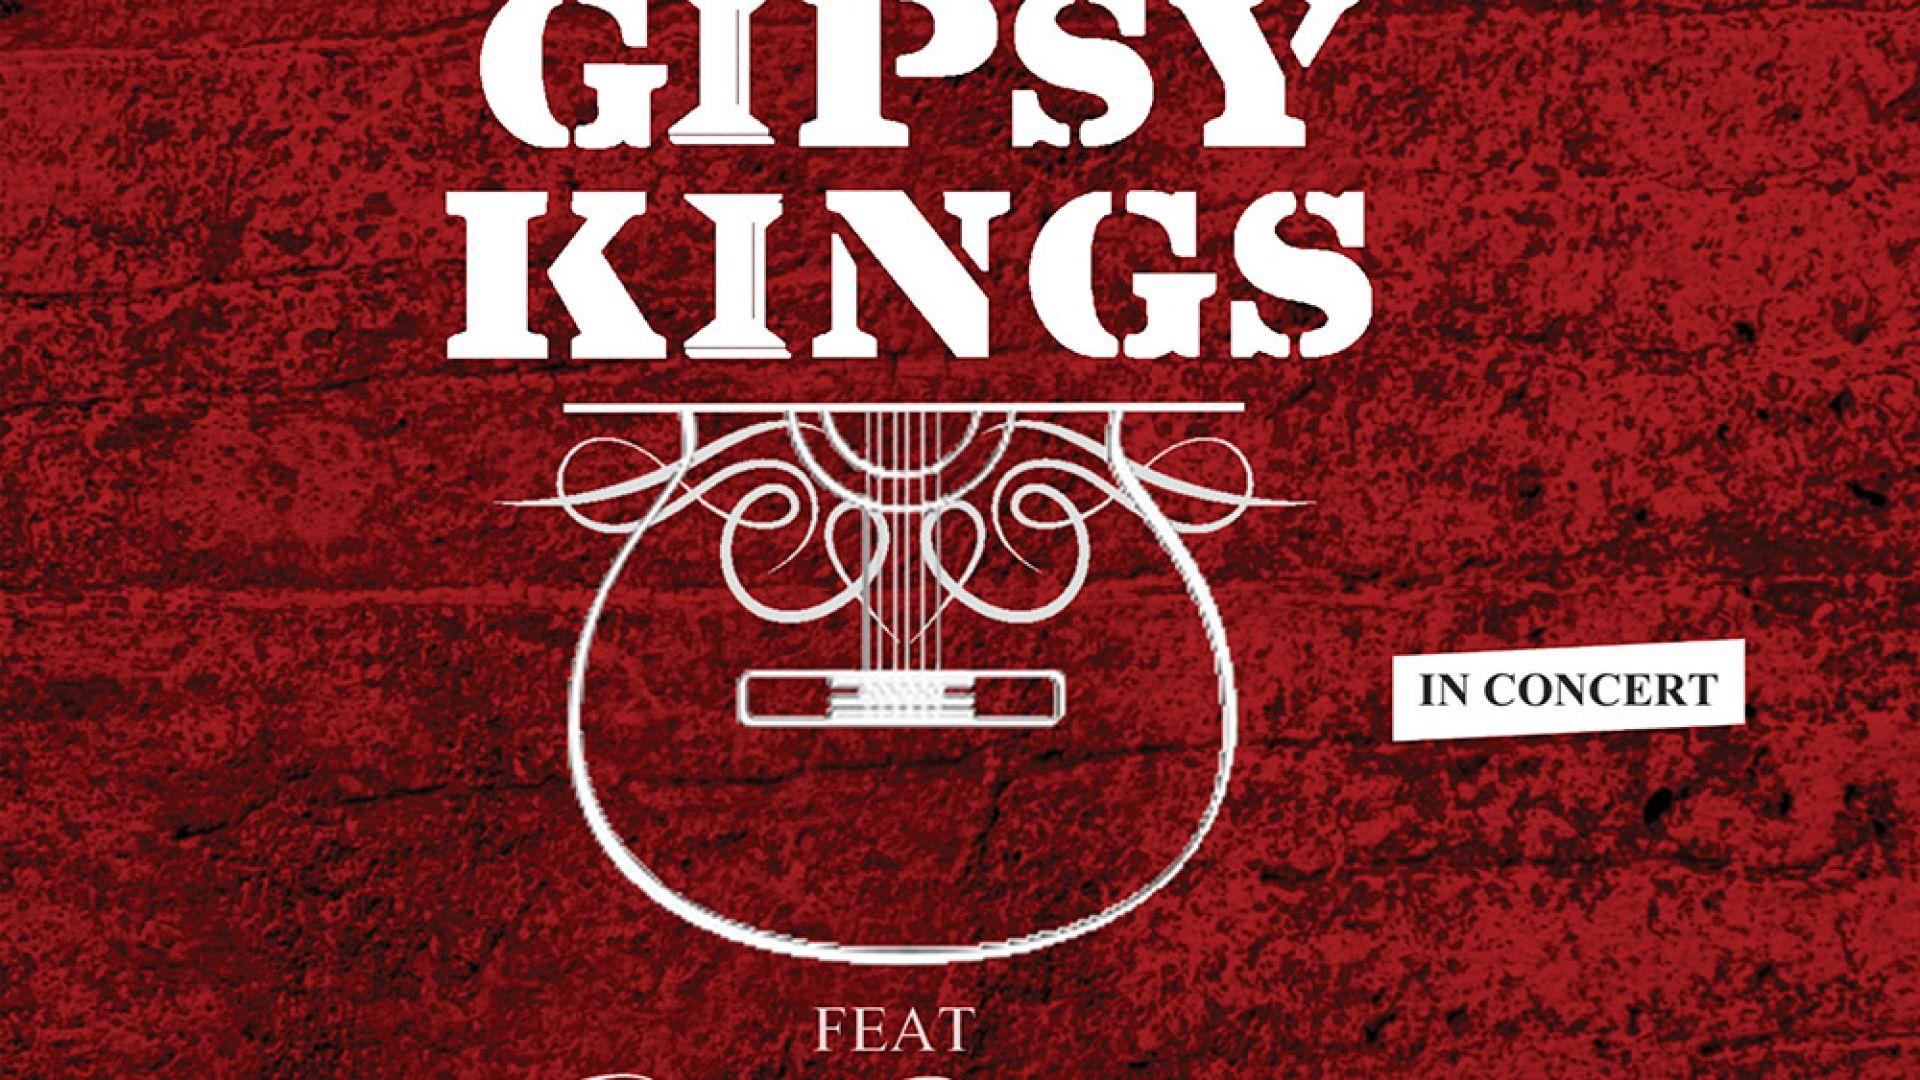 Последни детайли около фламенко фиестата на The Gipsy Kings на 7 декември